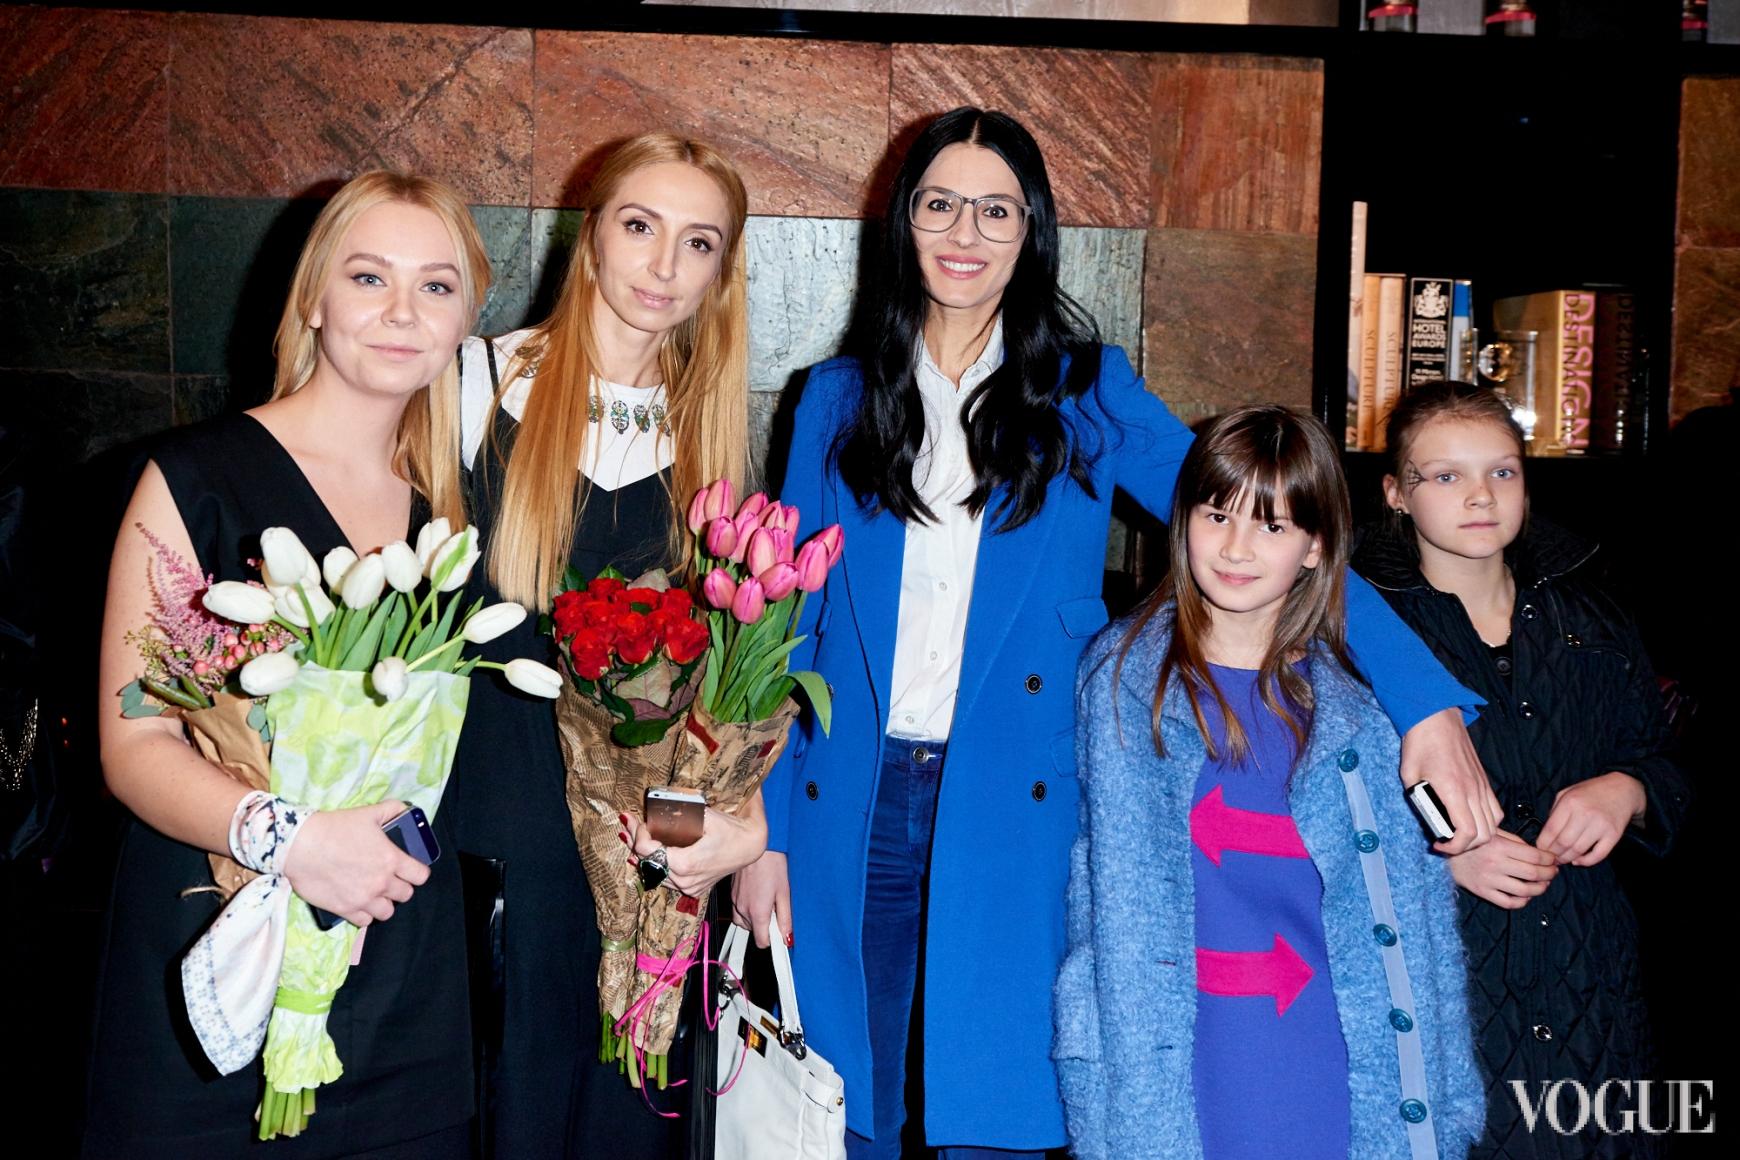 Катерина Квит, Оксана Голубченко и Маша Ефросинина с дочерью Наной